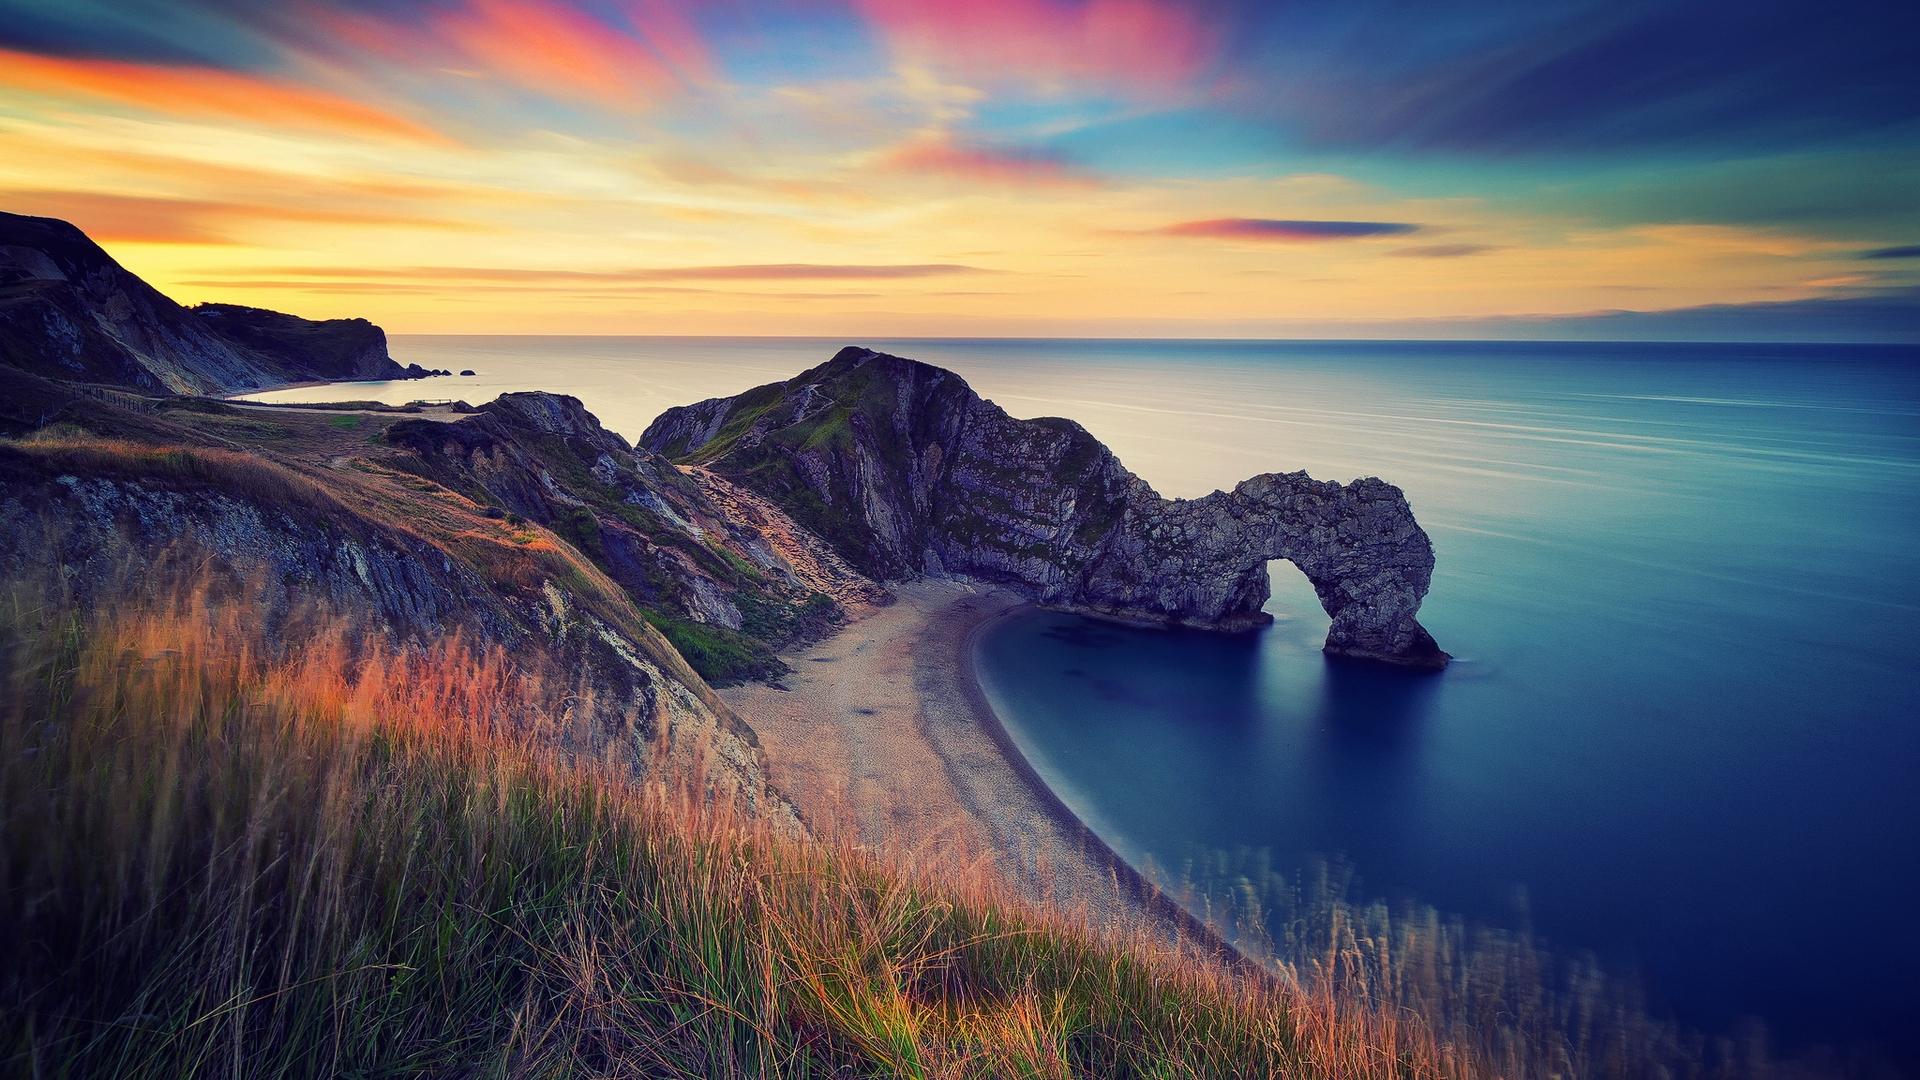 берег, скалы, арка